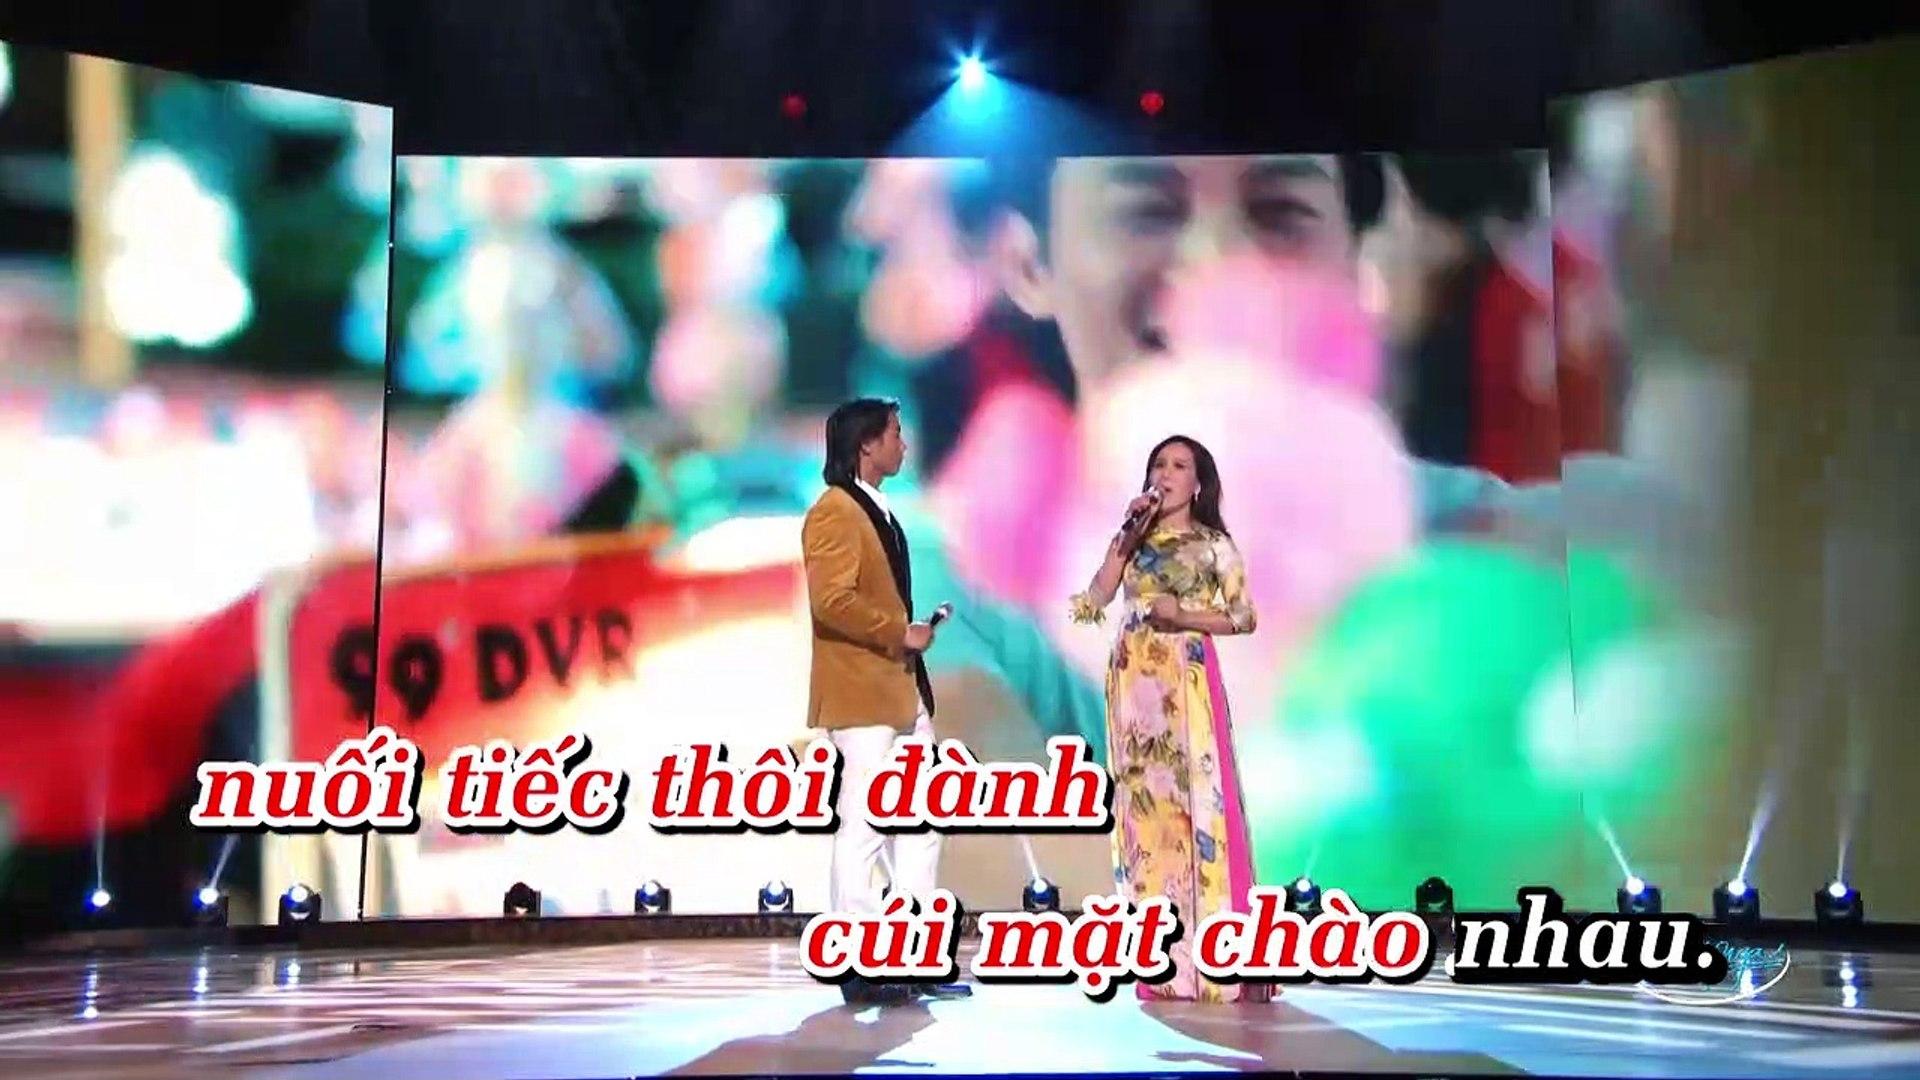 [Karaoke] Cánh Diều Mưa - Đan Nguyên Ft. Mai Thiên Vân [Beat]